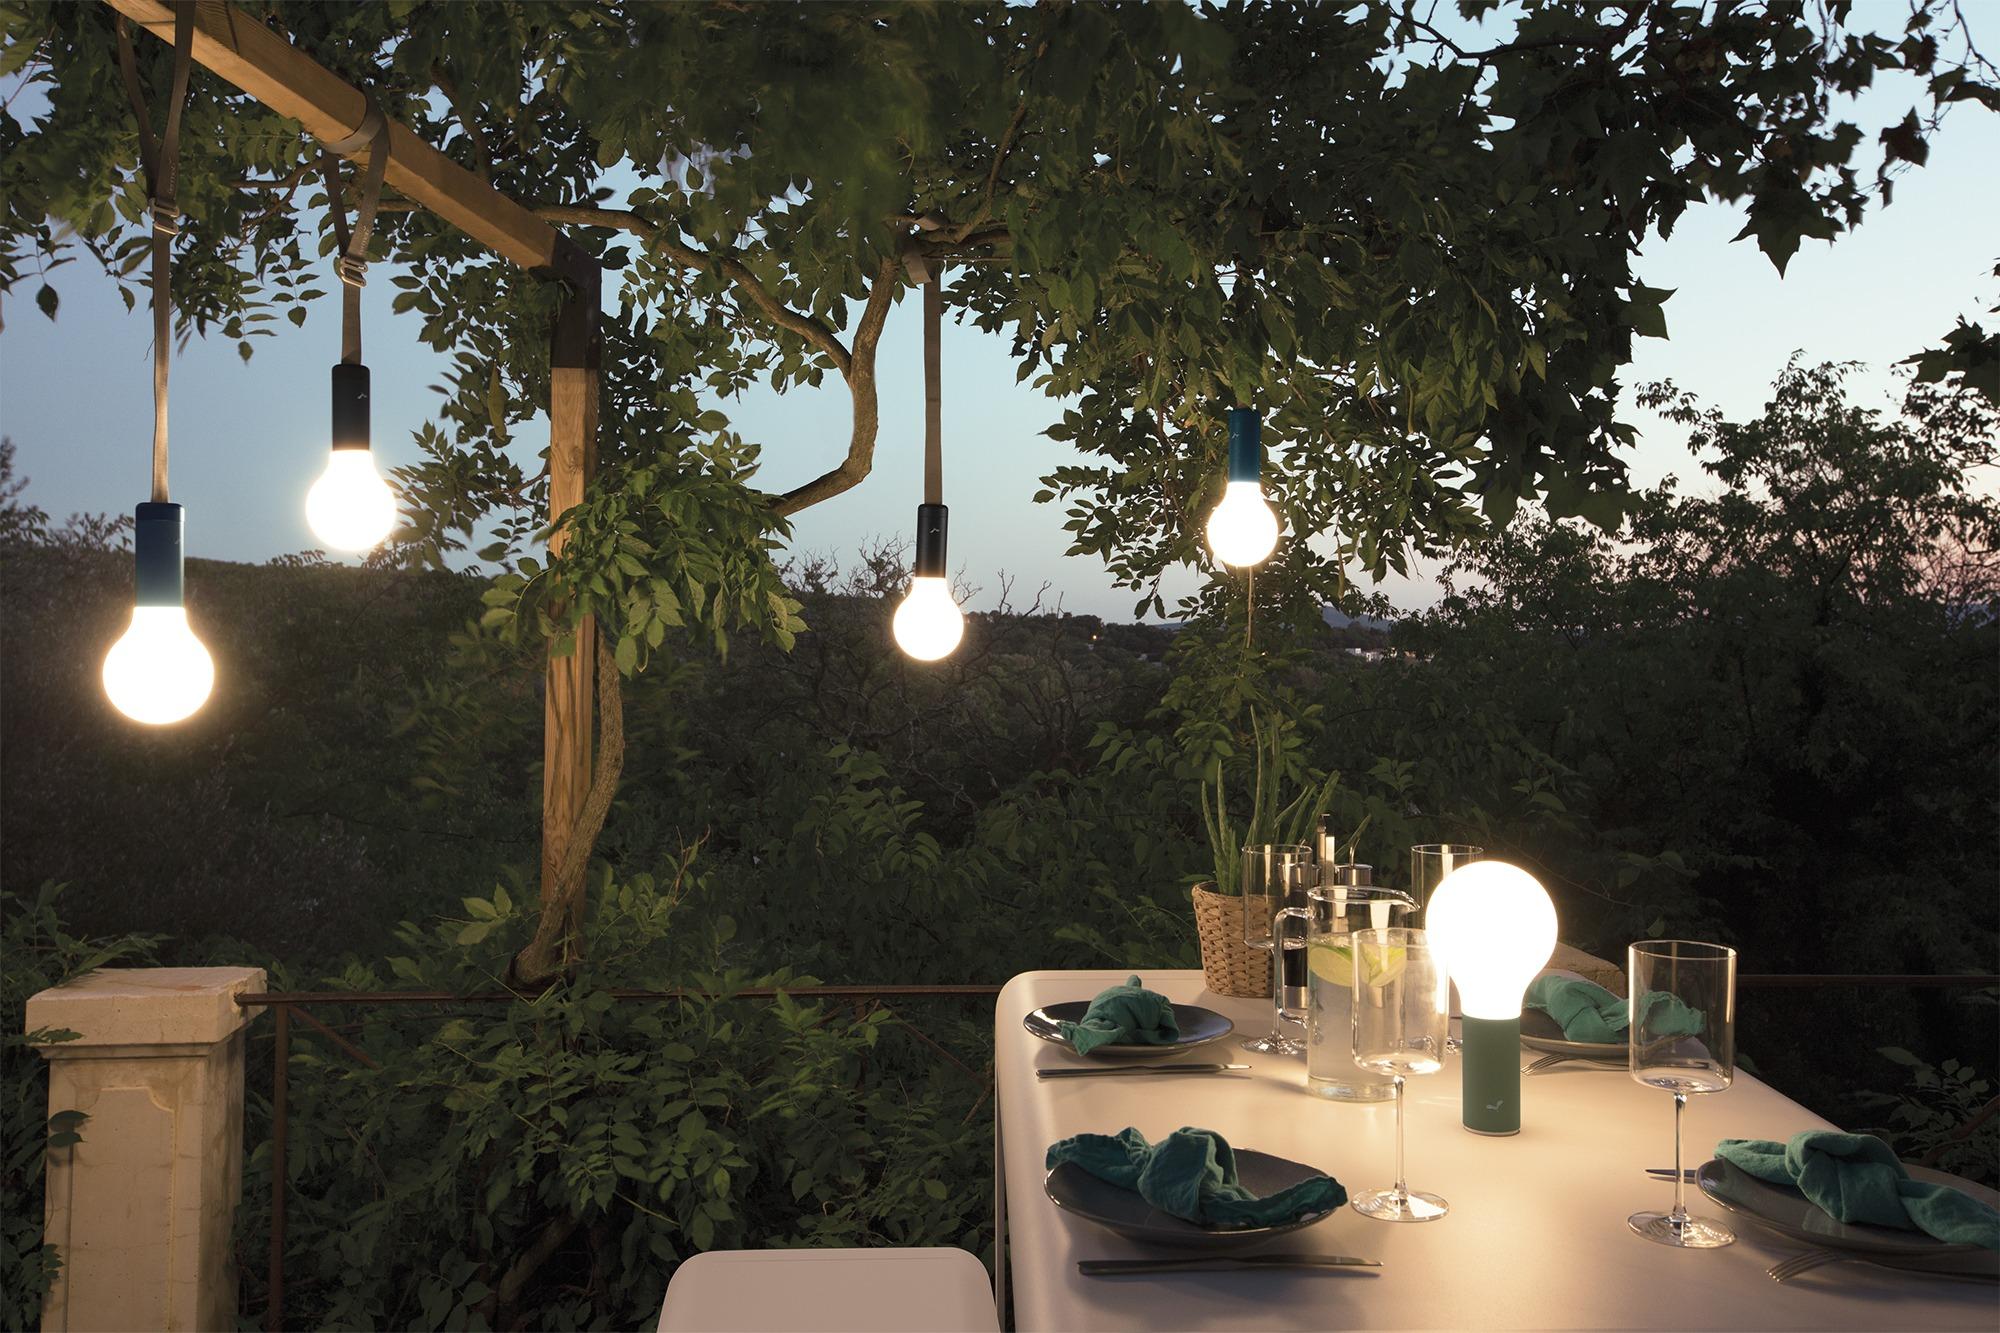 Les belles soirées d'été à la lumière du design